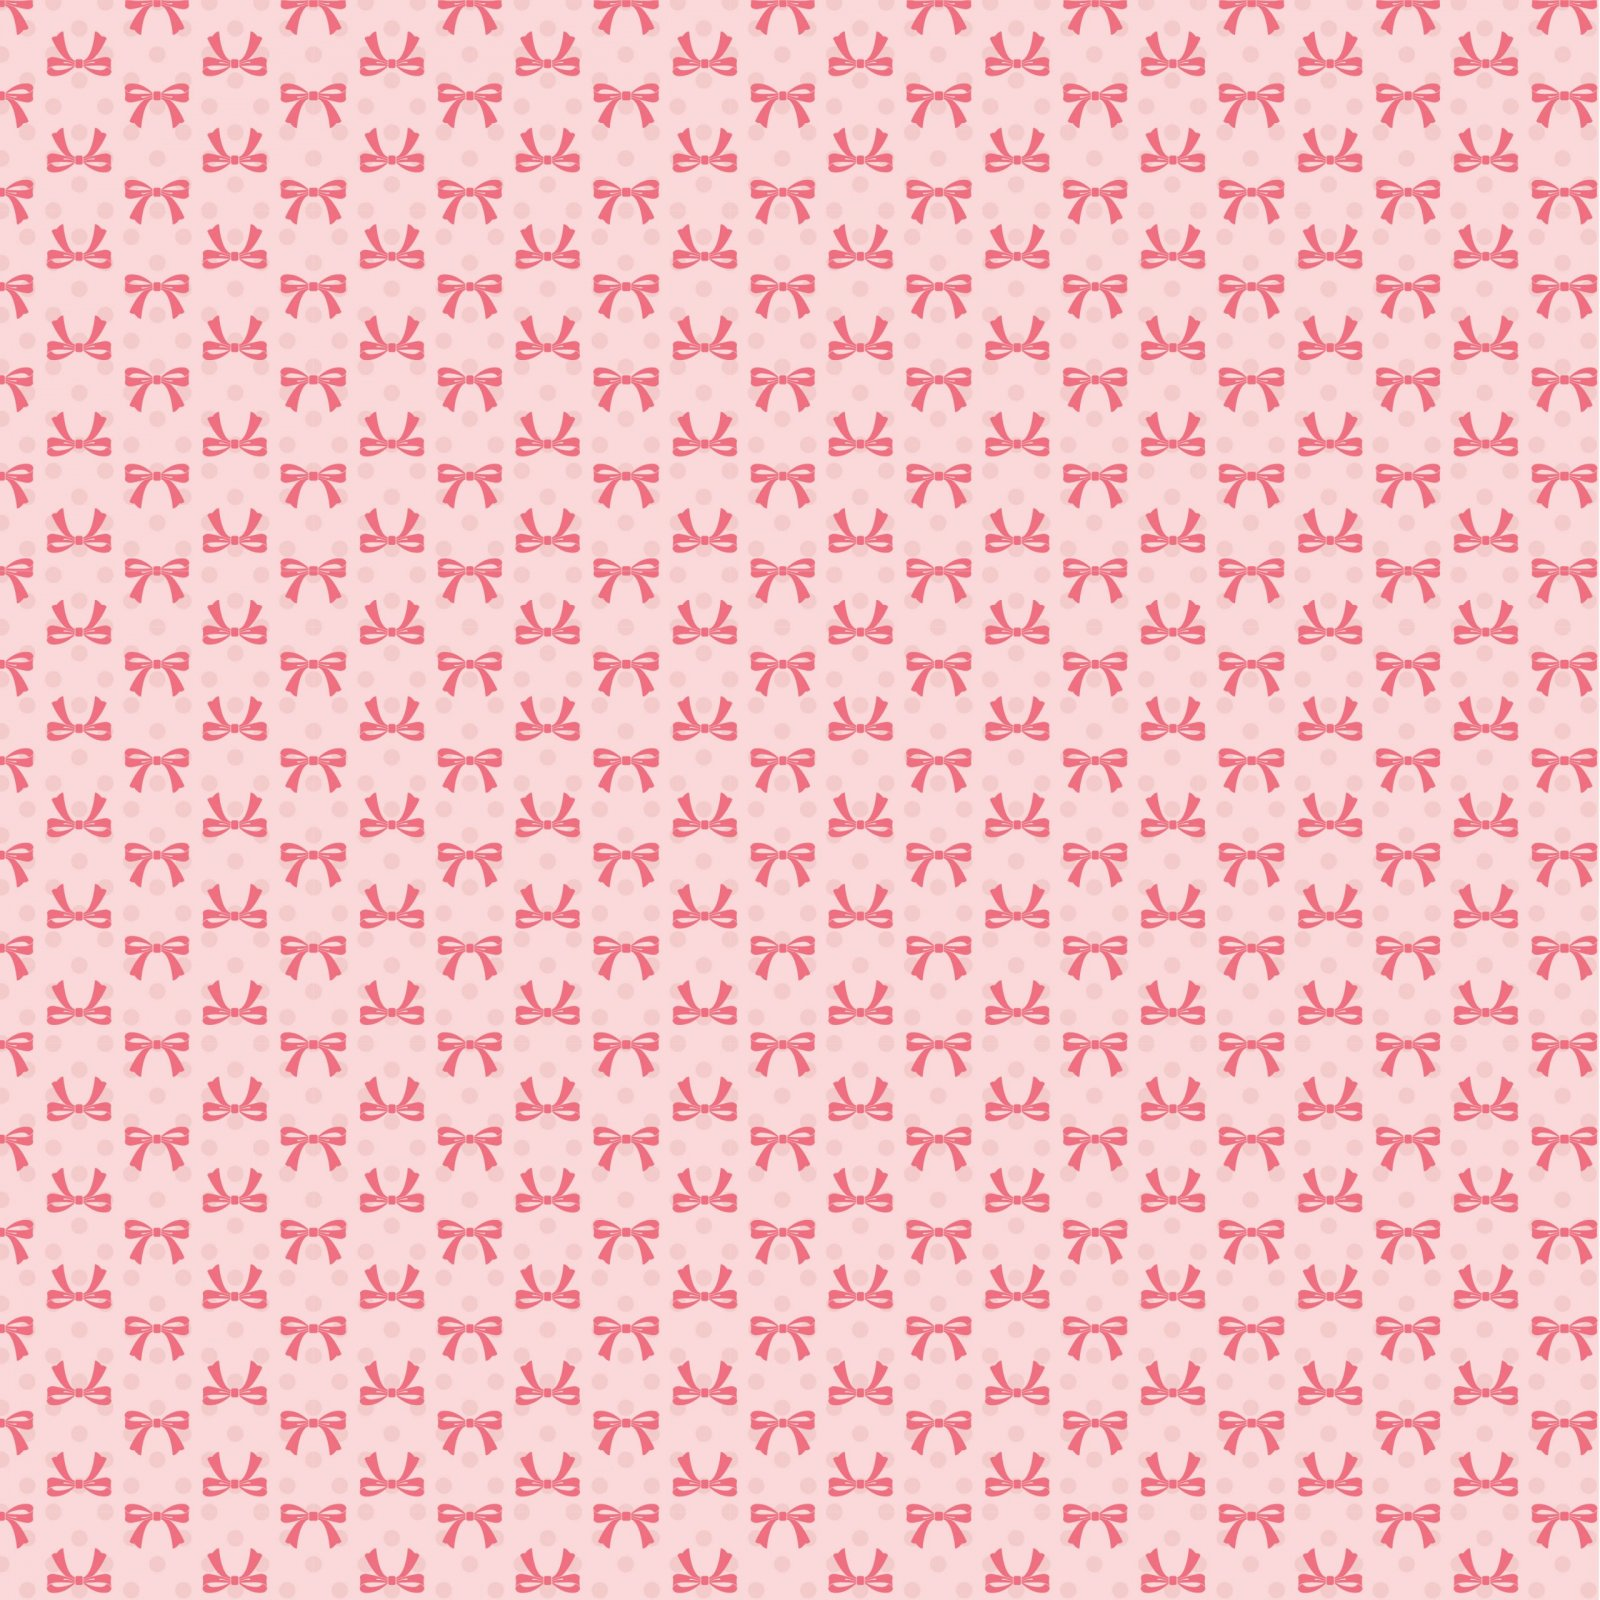 Dots & Posies 20407 Bows